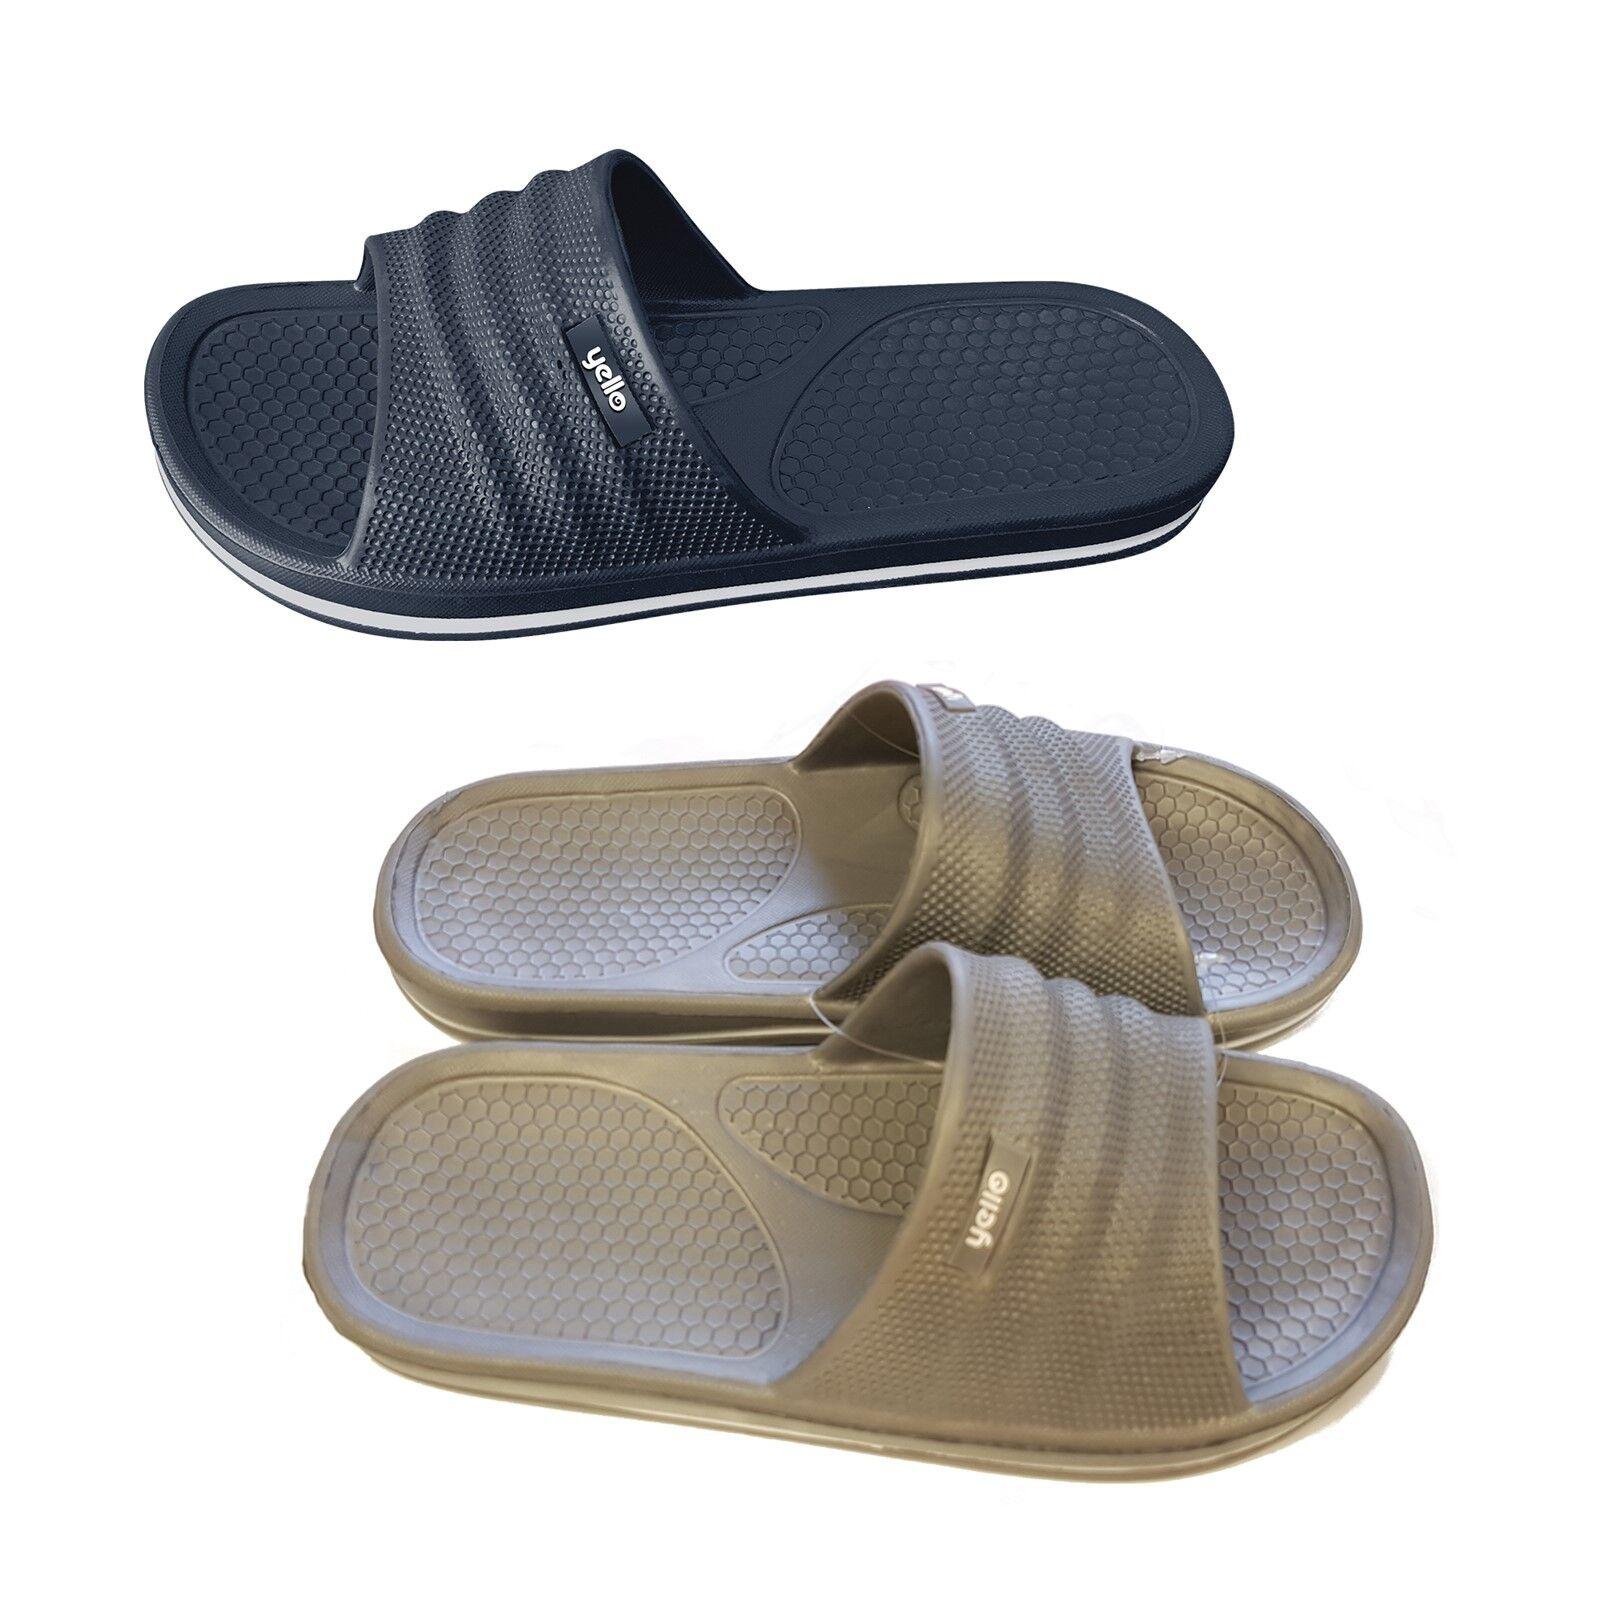 Hombre Pool Zapatos Chanclas Sandalias GB 10 Tamaño 7 8 9 10 GB 5bd38b